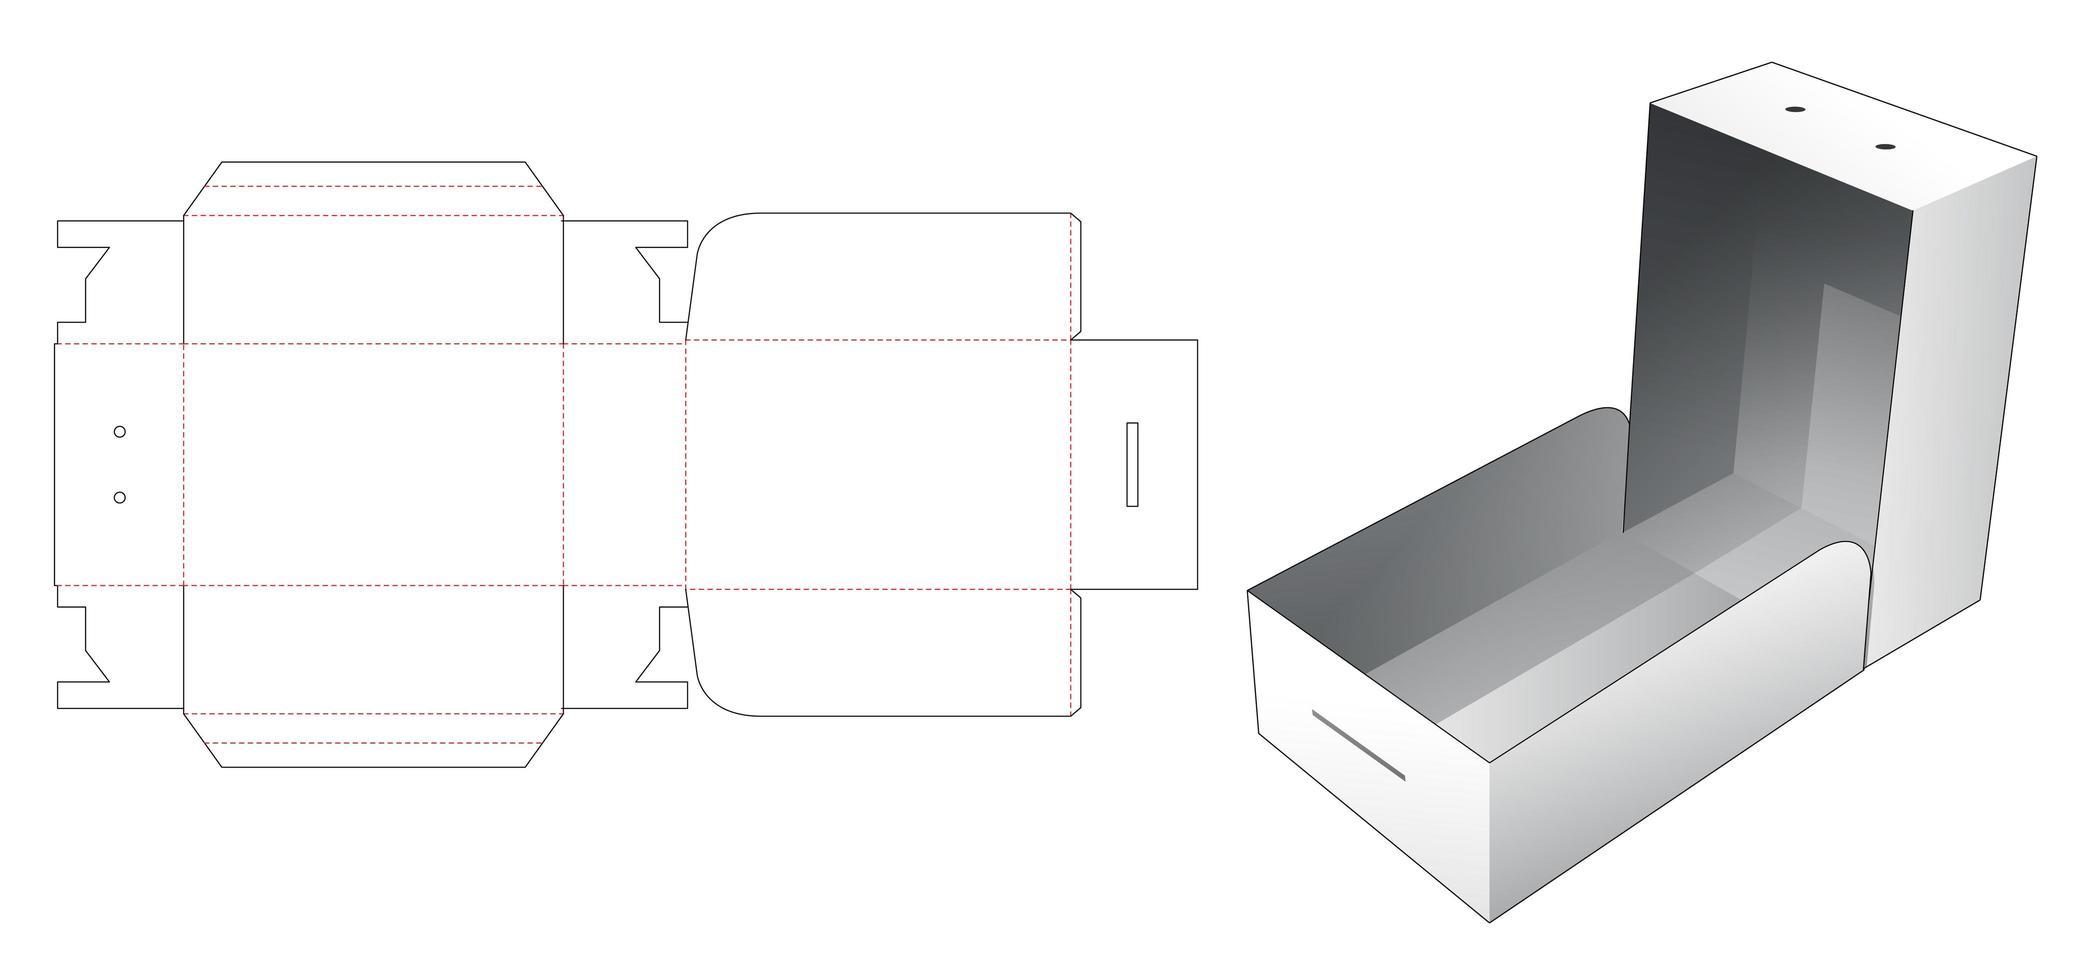 Boîte d'emballage 1 pièce avec trou pour corde vecteur